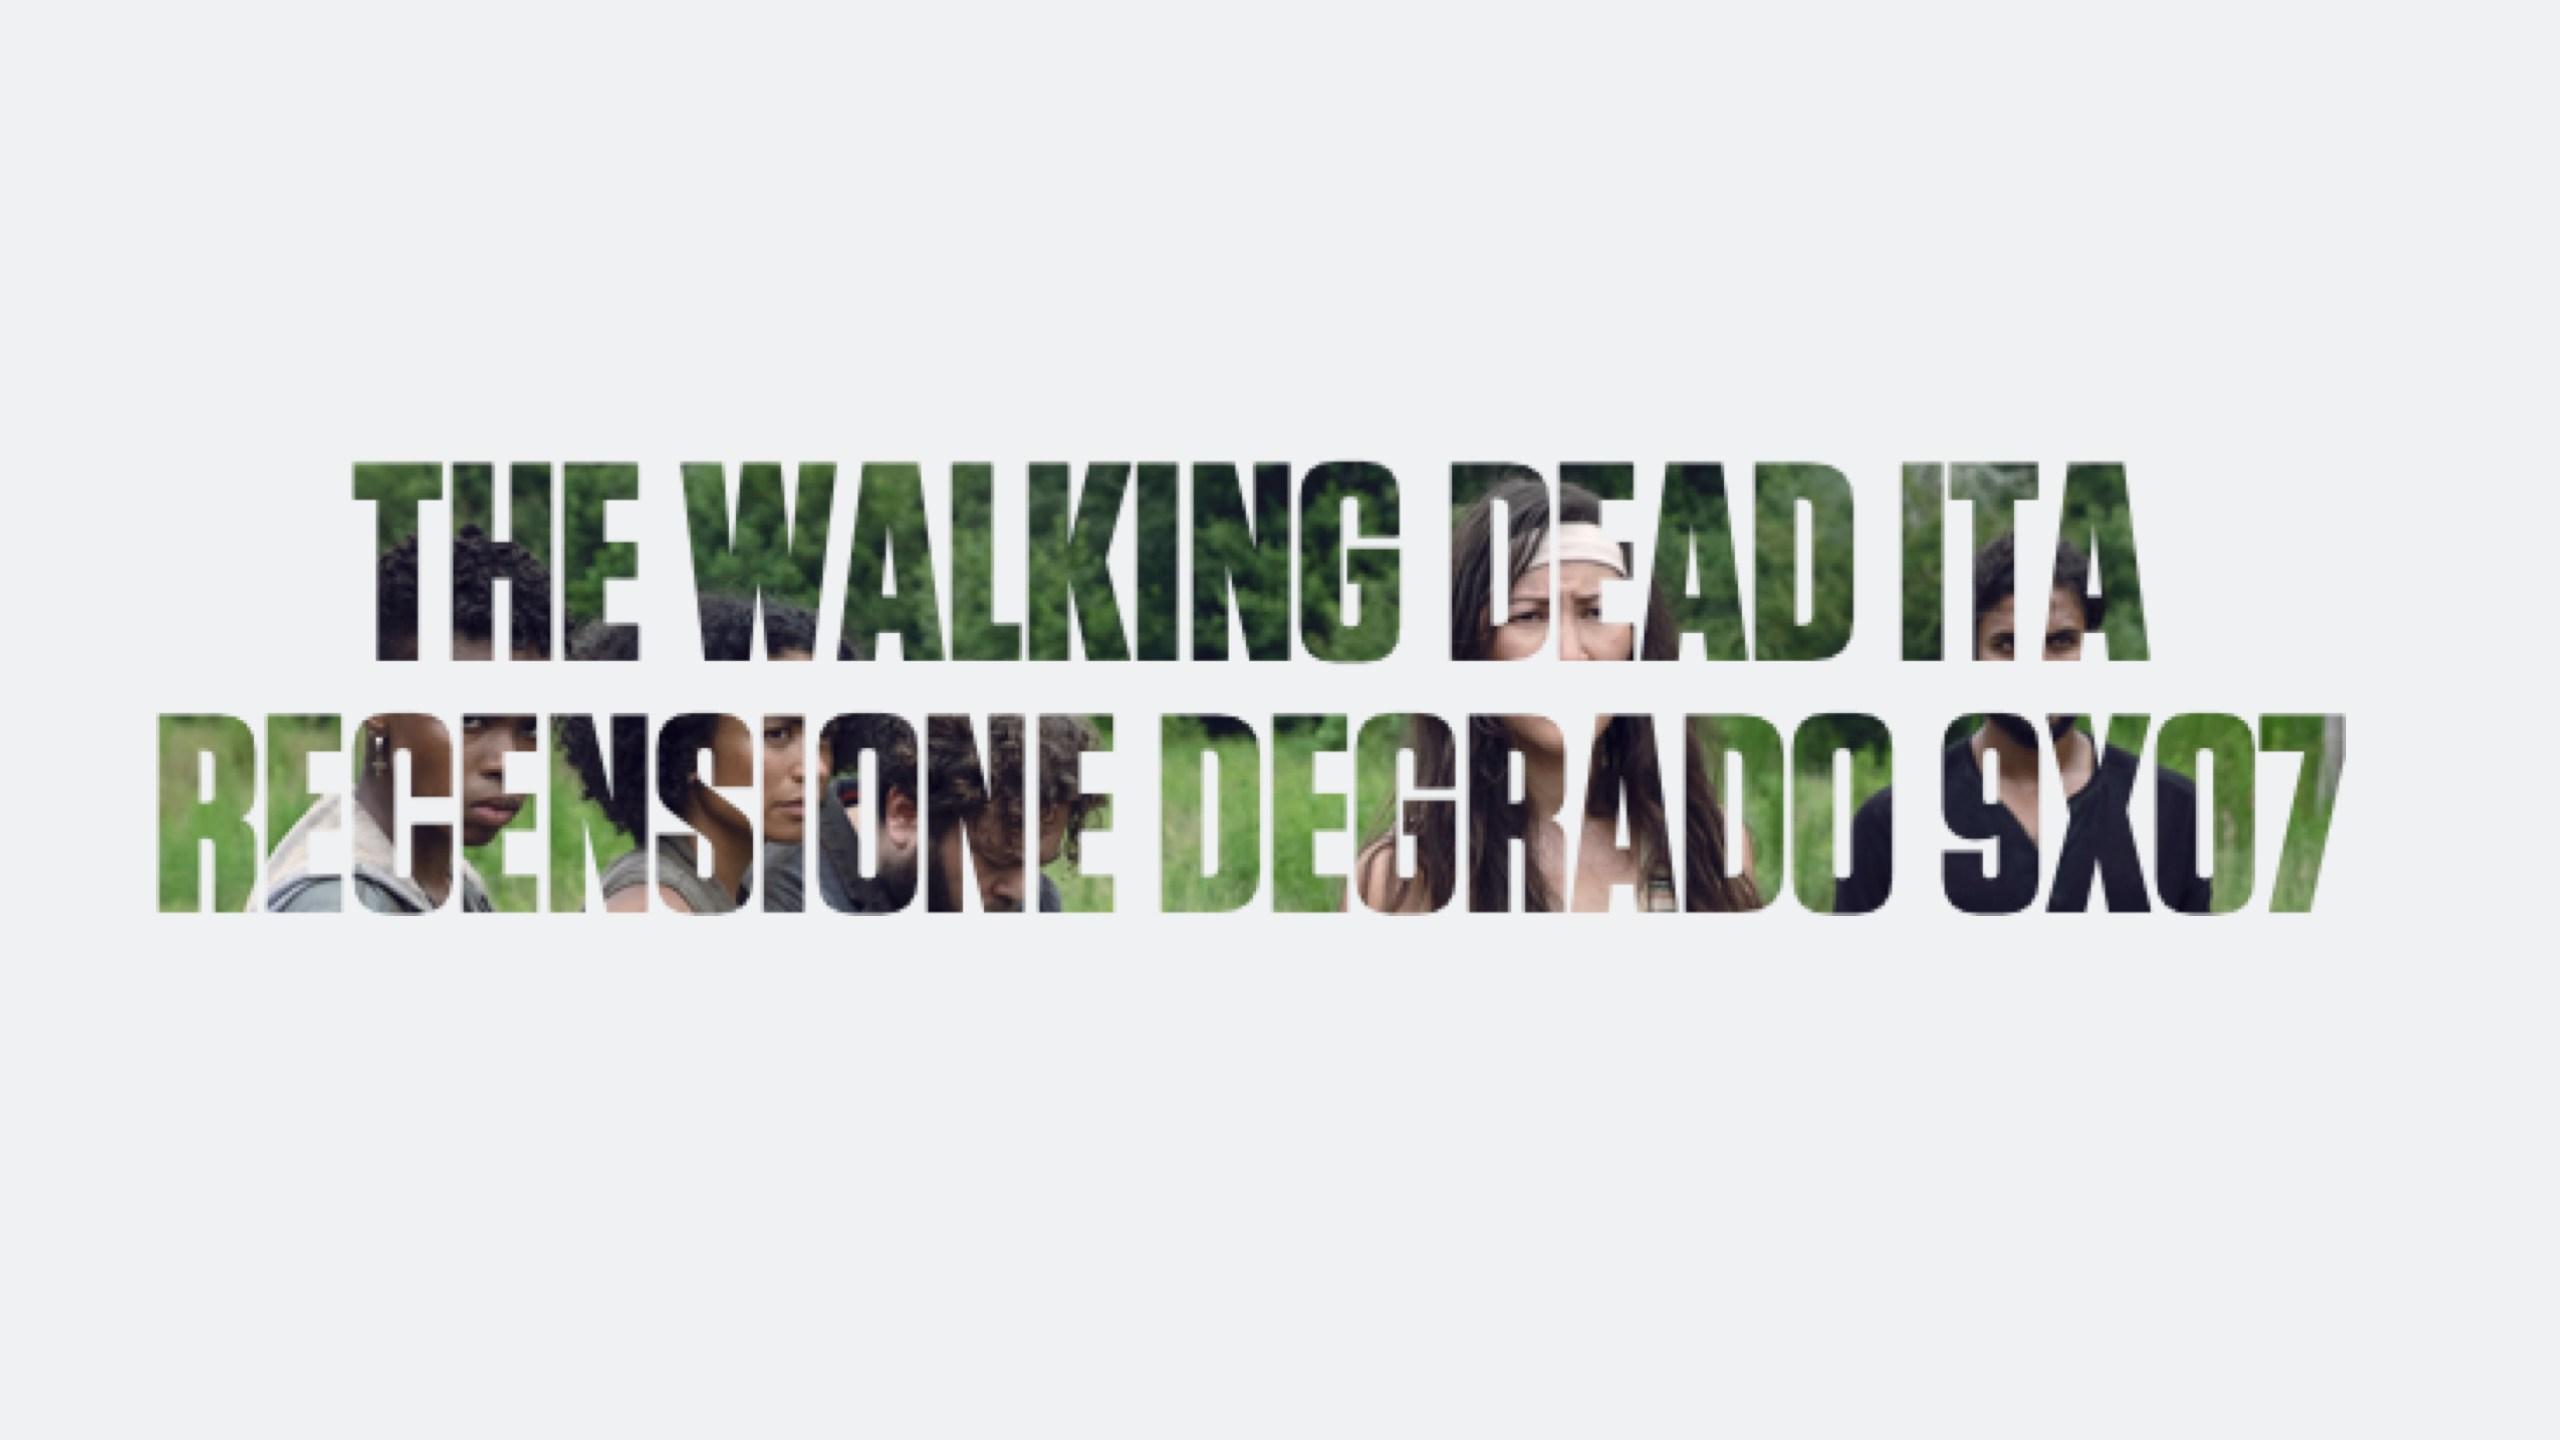 Recensione Degrado The Walking Dead 9×07